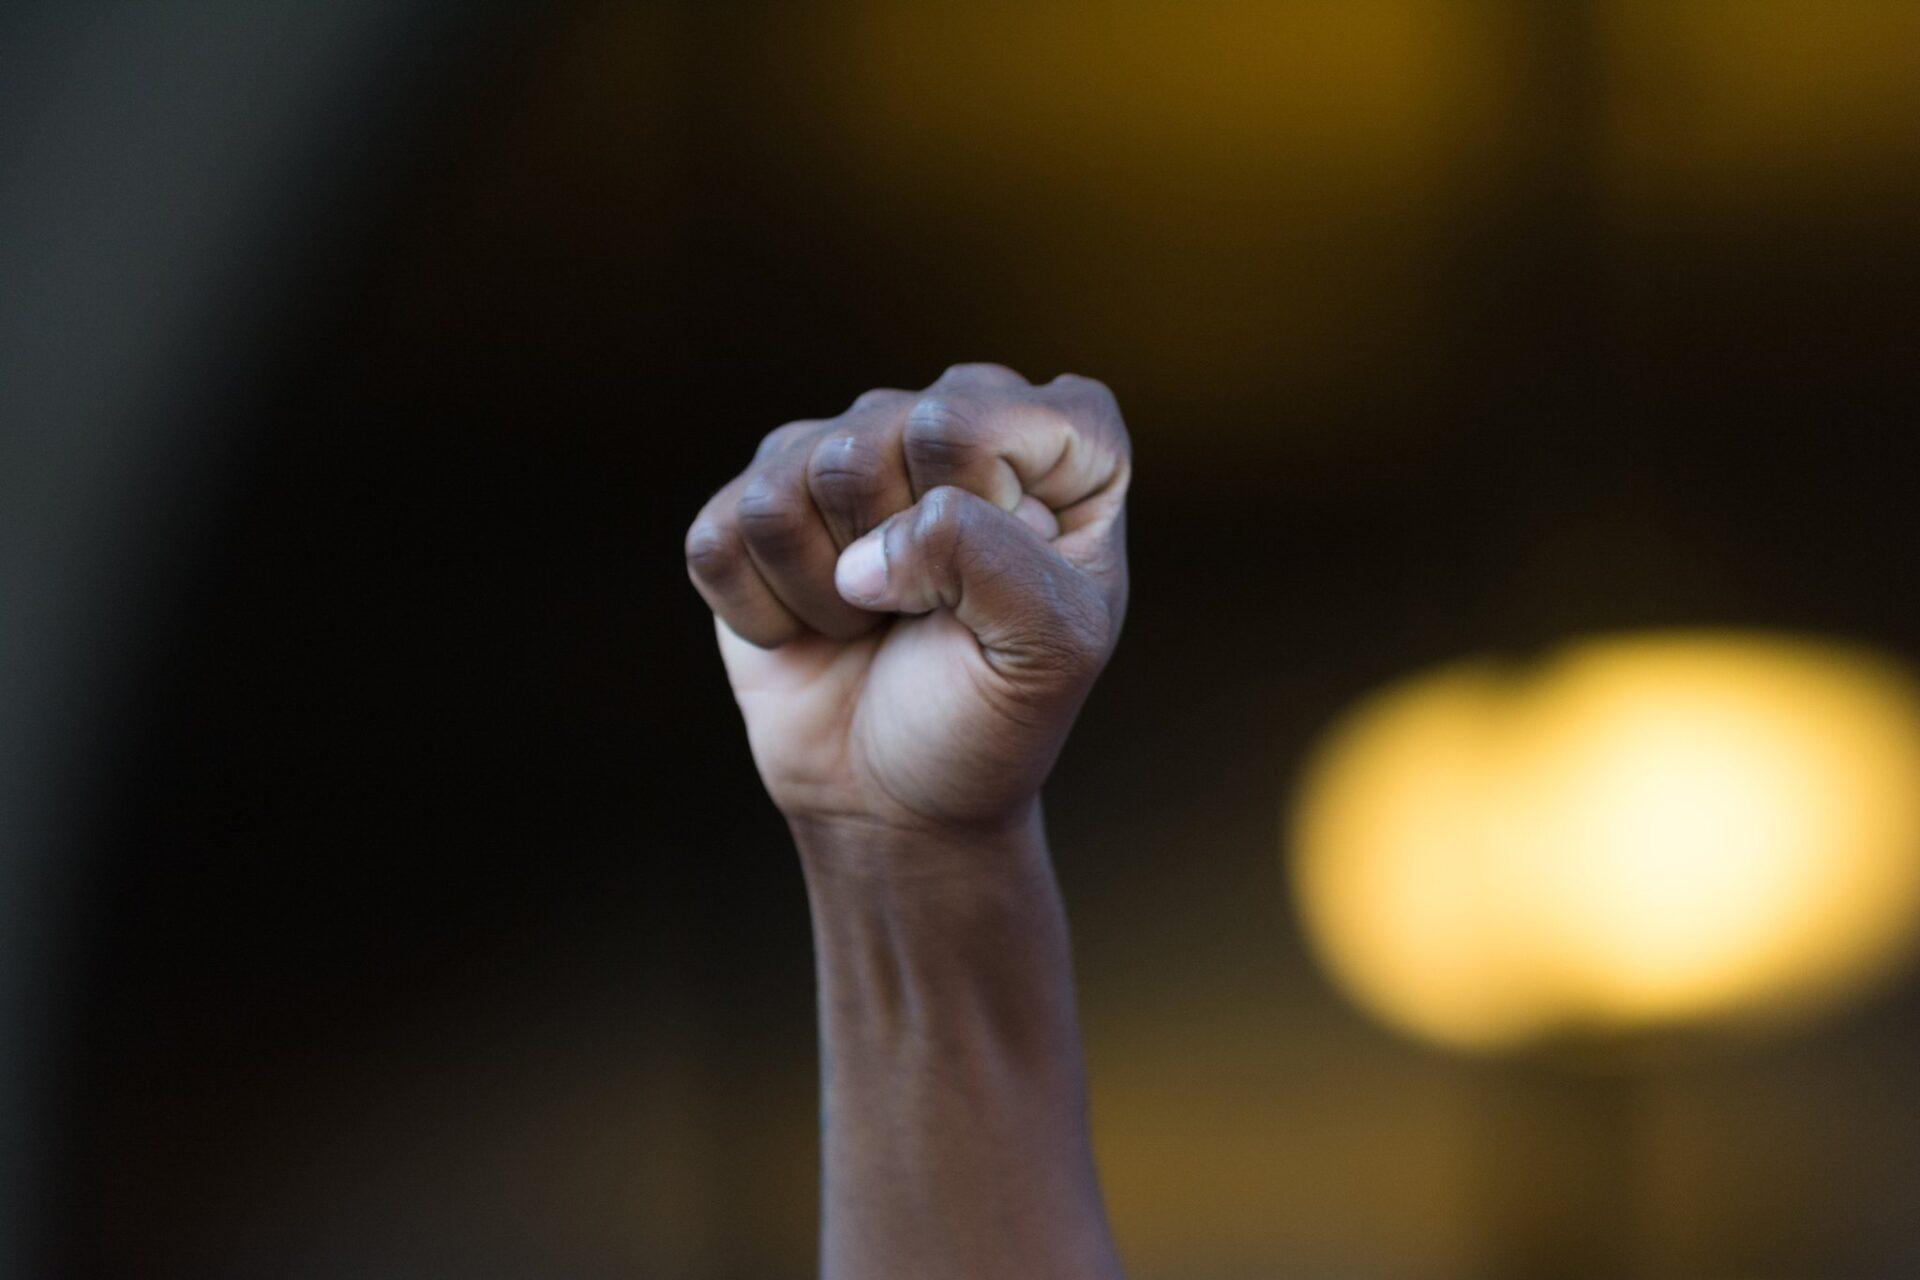 Anti-Racismo e Anti-Preconceito: se declarar não racista e não preconceituoso é muito pouco